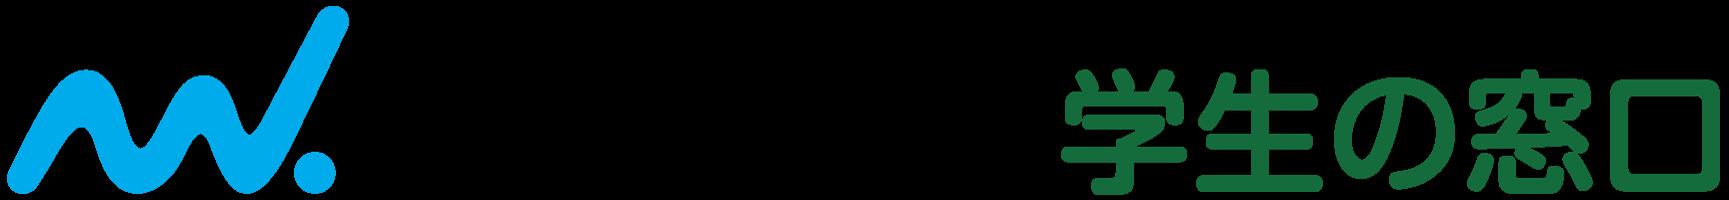 マイナビ 学生の窓口